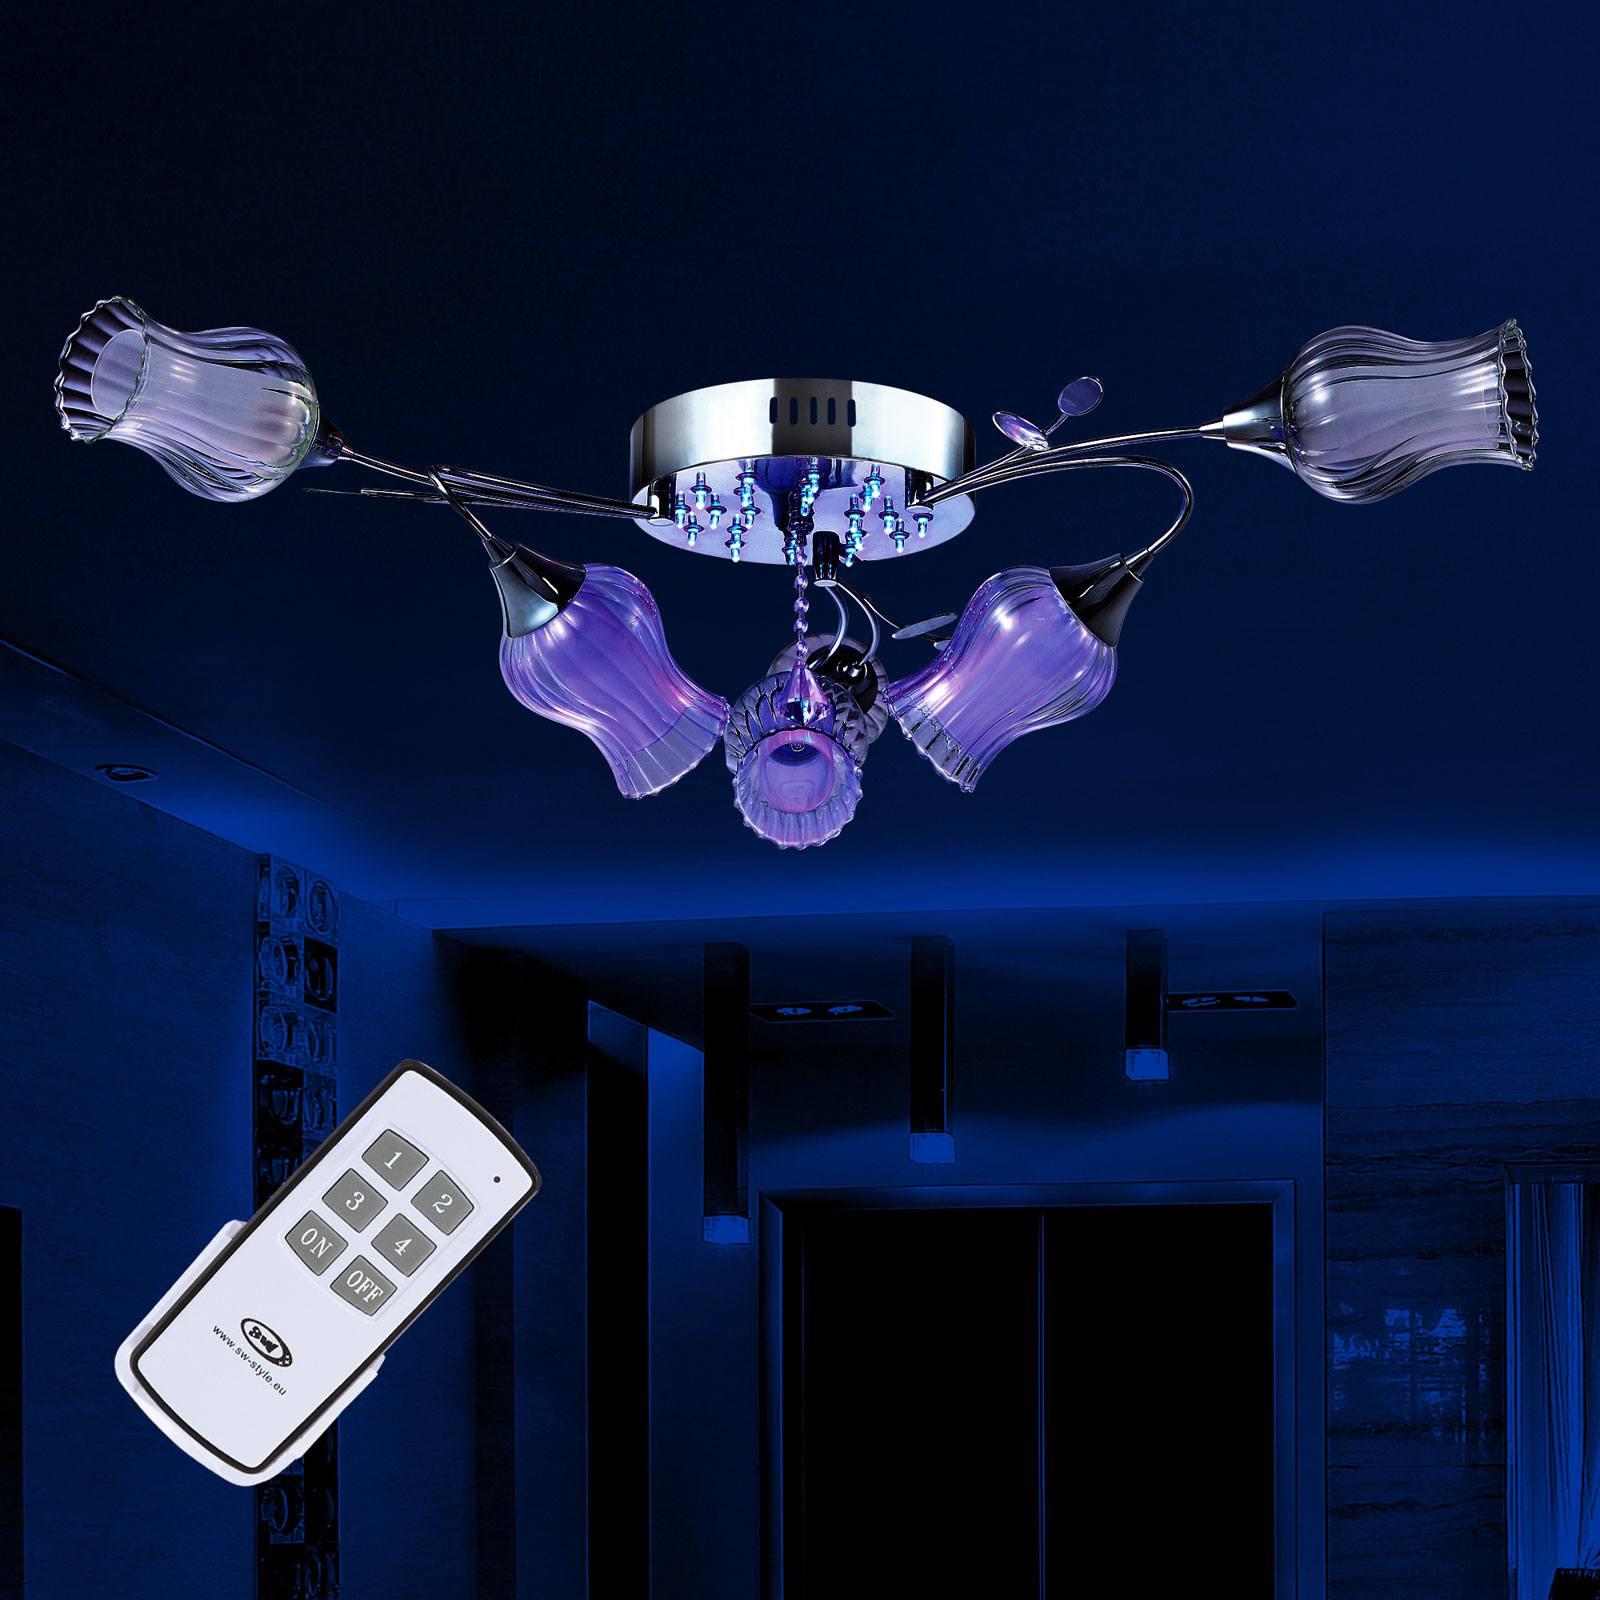 Full Size of Wohnzimmer Deckenlampe Led Deckenleuchte 6 Flammig Farbwechsel Heizkörper Indirekte Beleuchtung Moderne Bilder Fürs Sideboard Wandtattoo Kamin Vorhang Wohnzimmer Wohnzimmer Deckenlampe